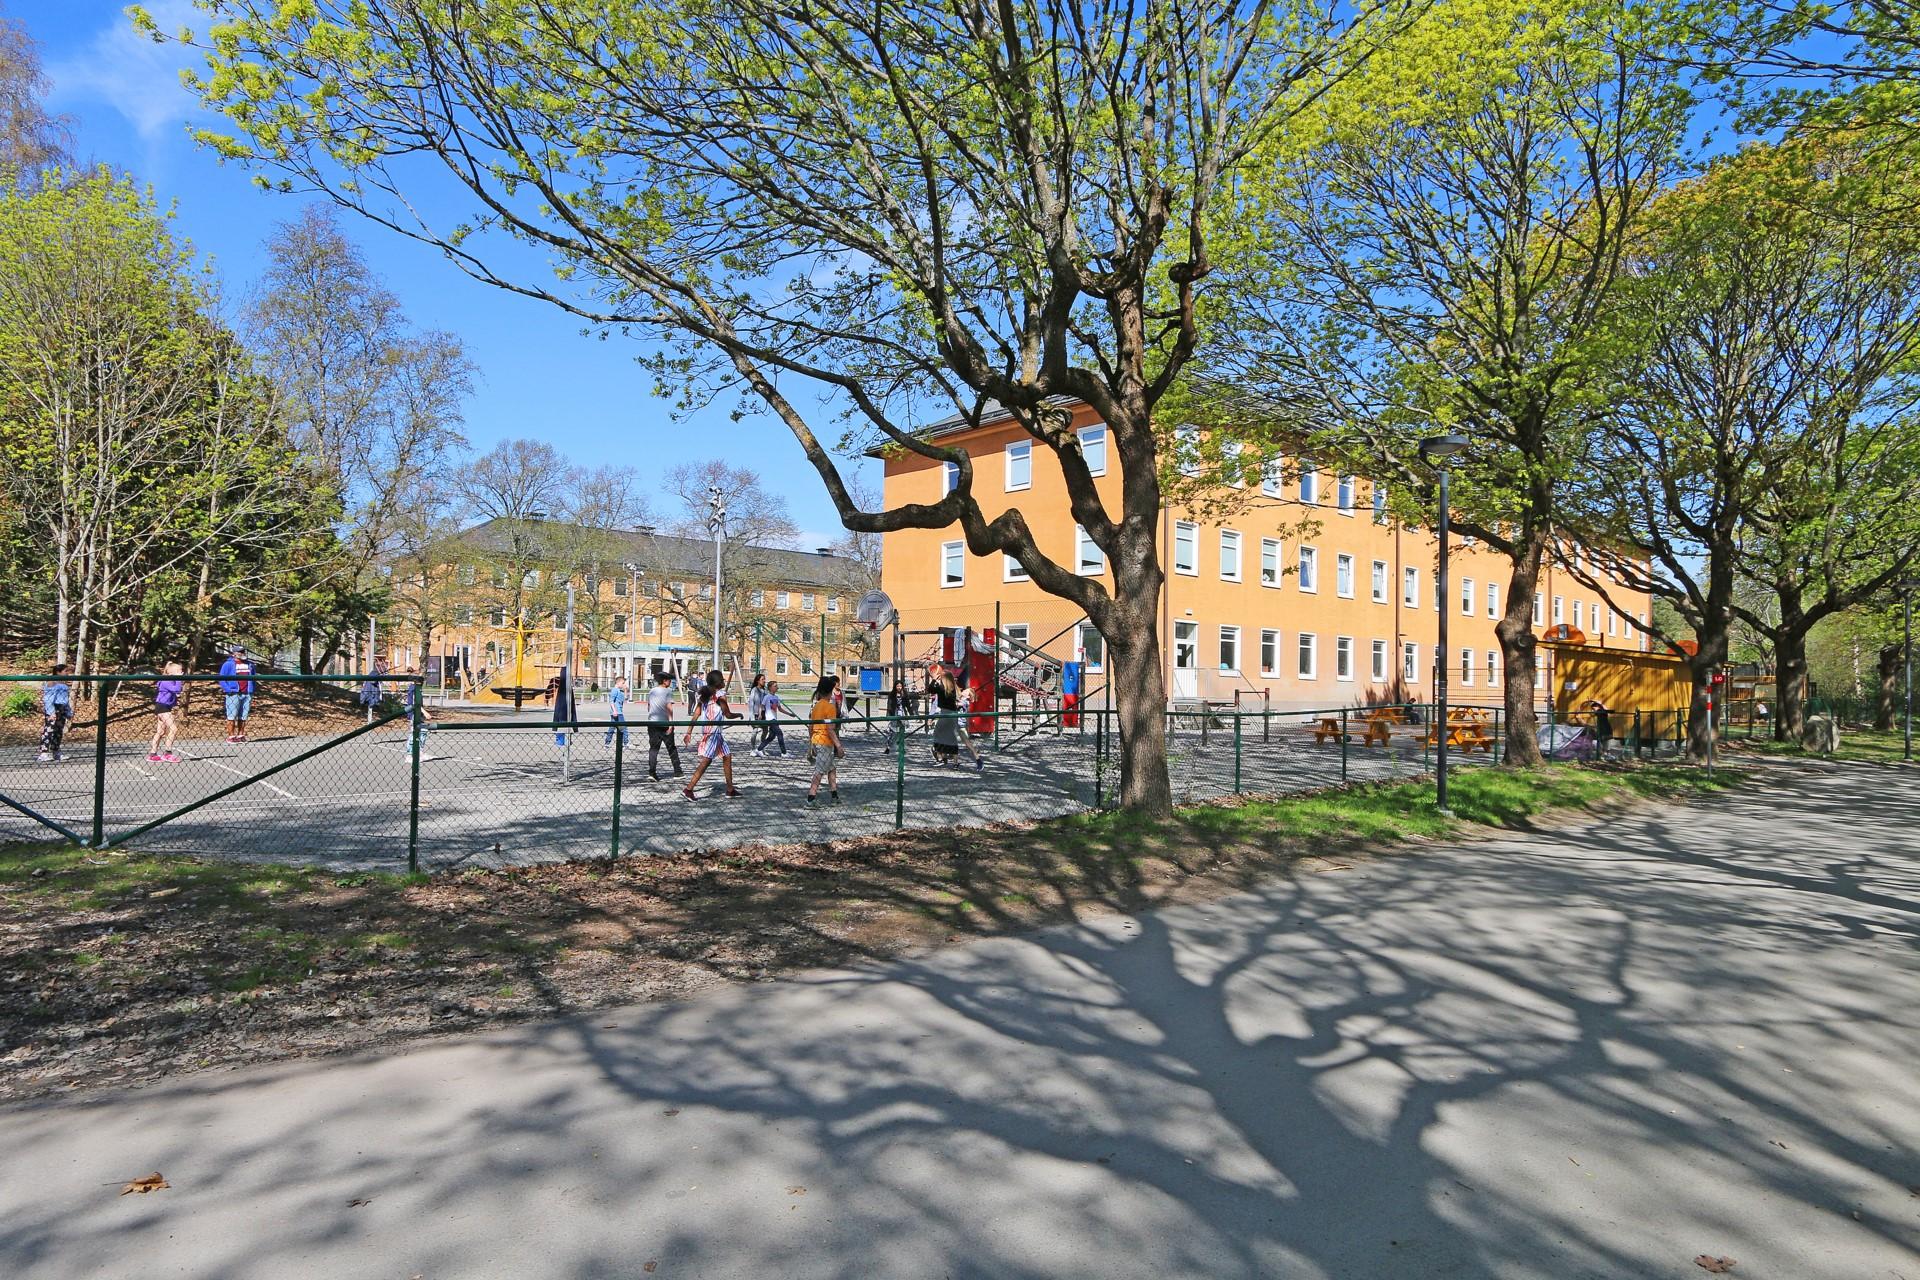 Raoul Wallenbergs skola